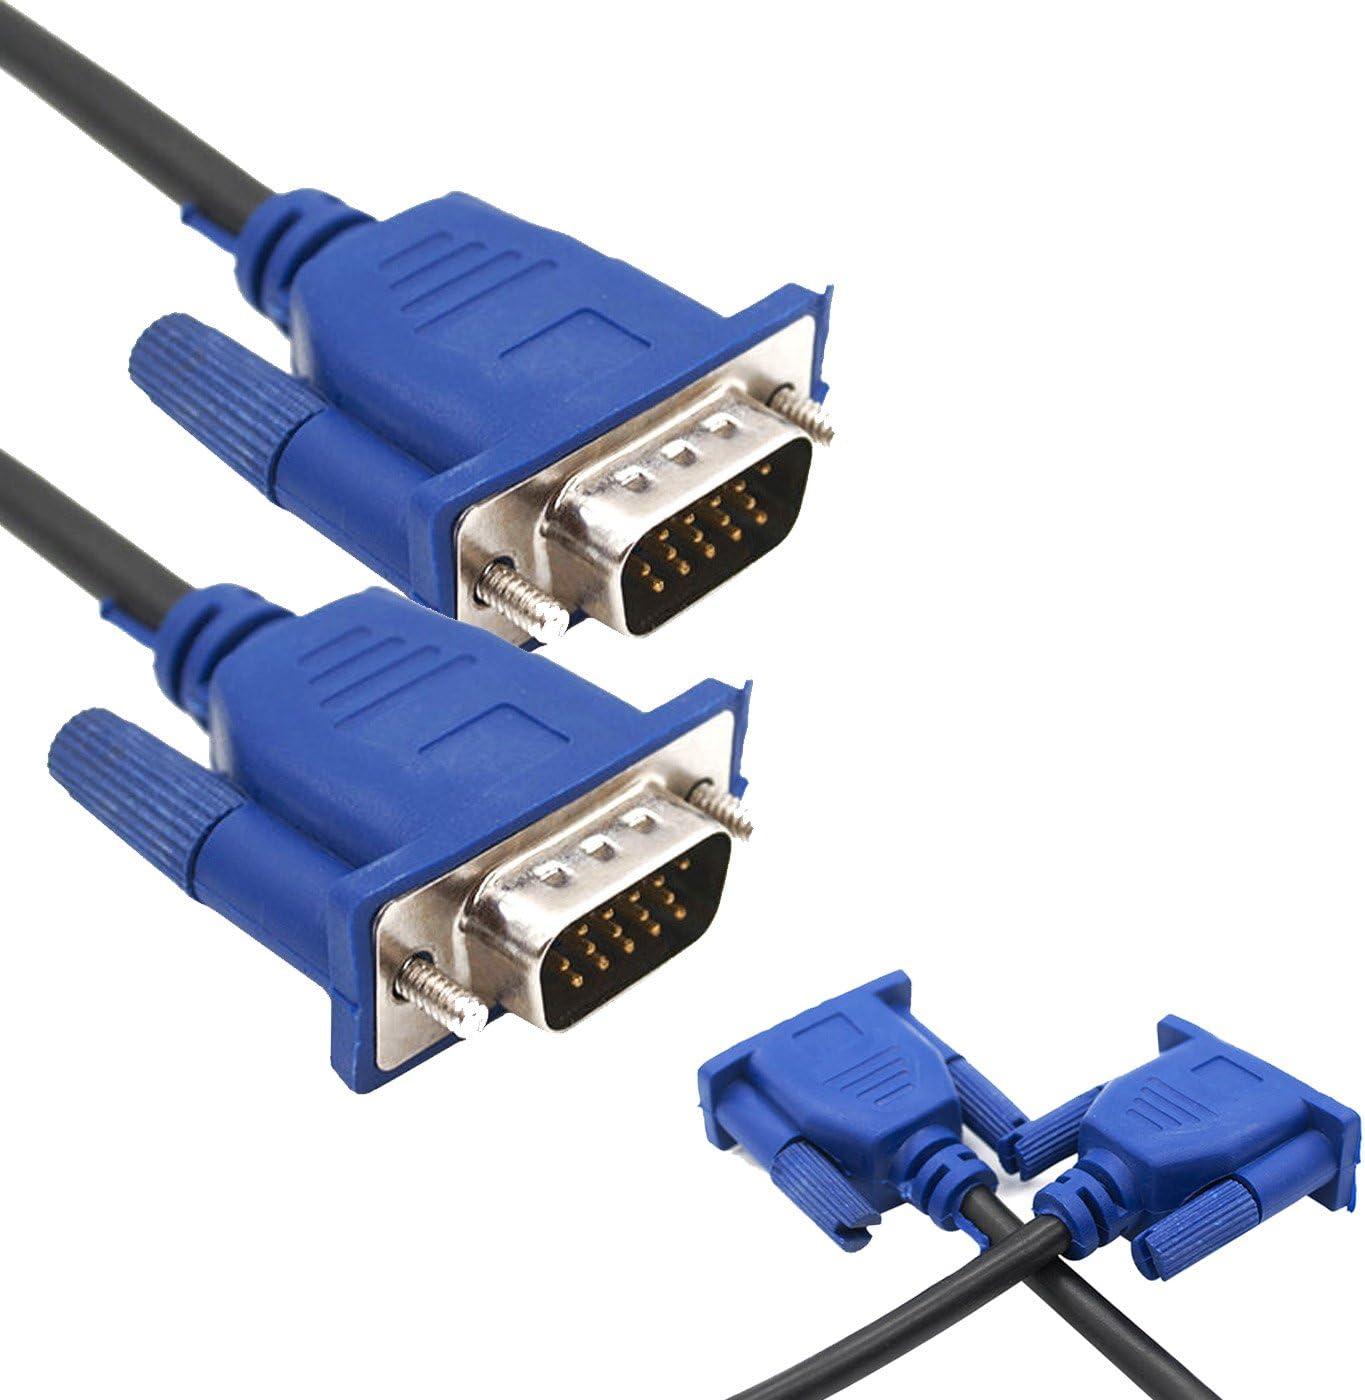 VGA SVGA macho a macho 15 pin Monitor recambio cable para PC portátil ordenador MAC a LCD TFT Monitor Protector de Por exzzel: Amazon.es: Electrónica